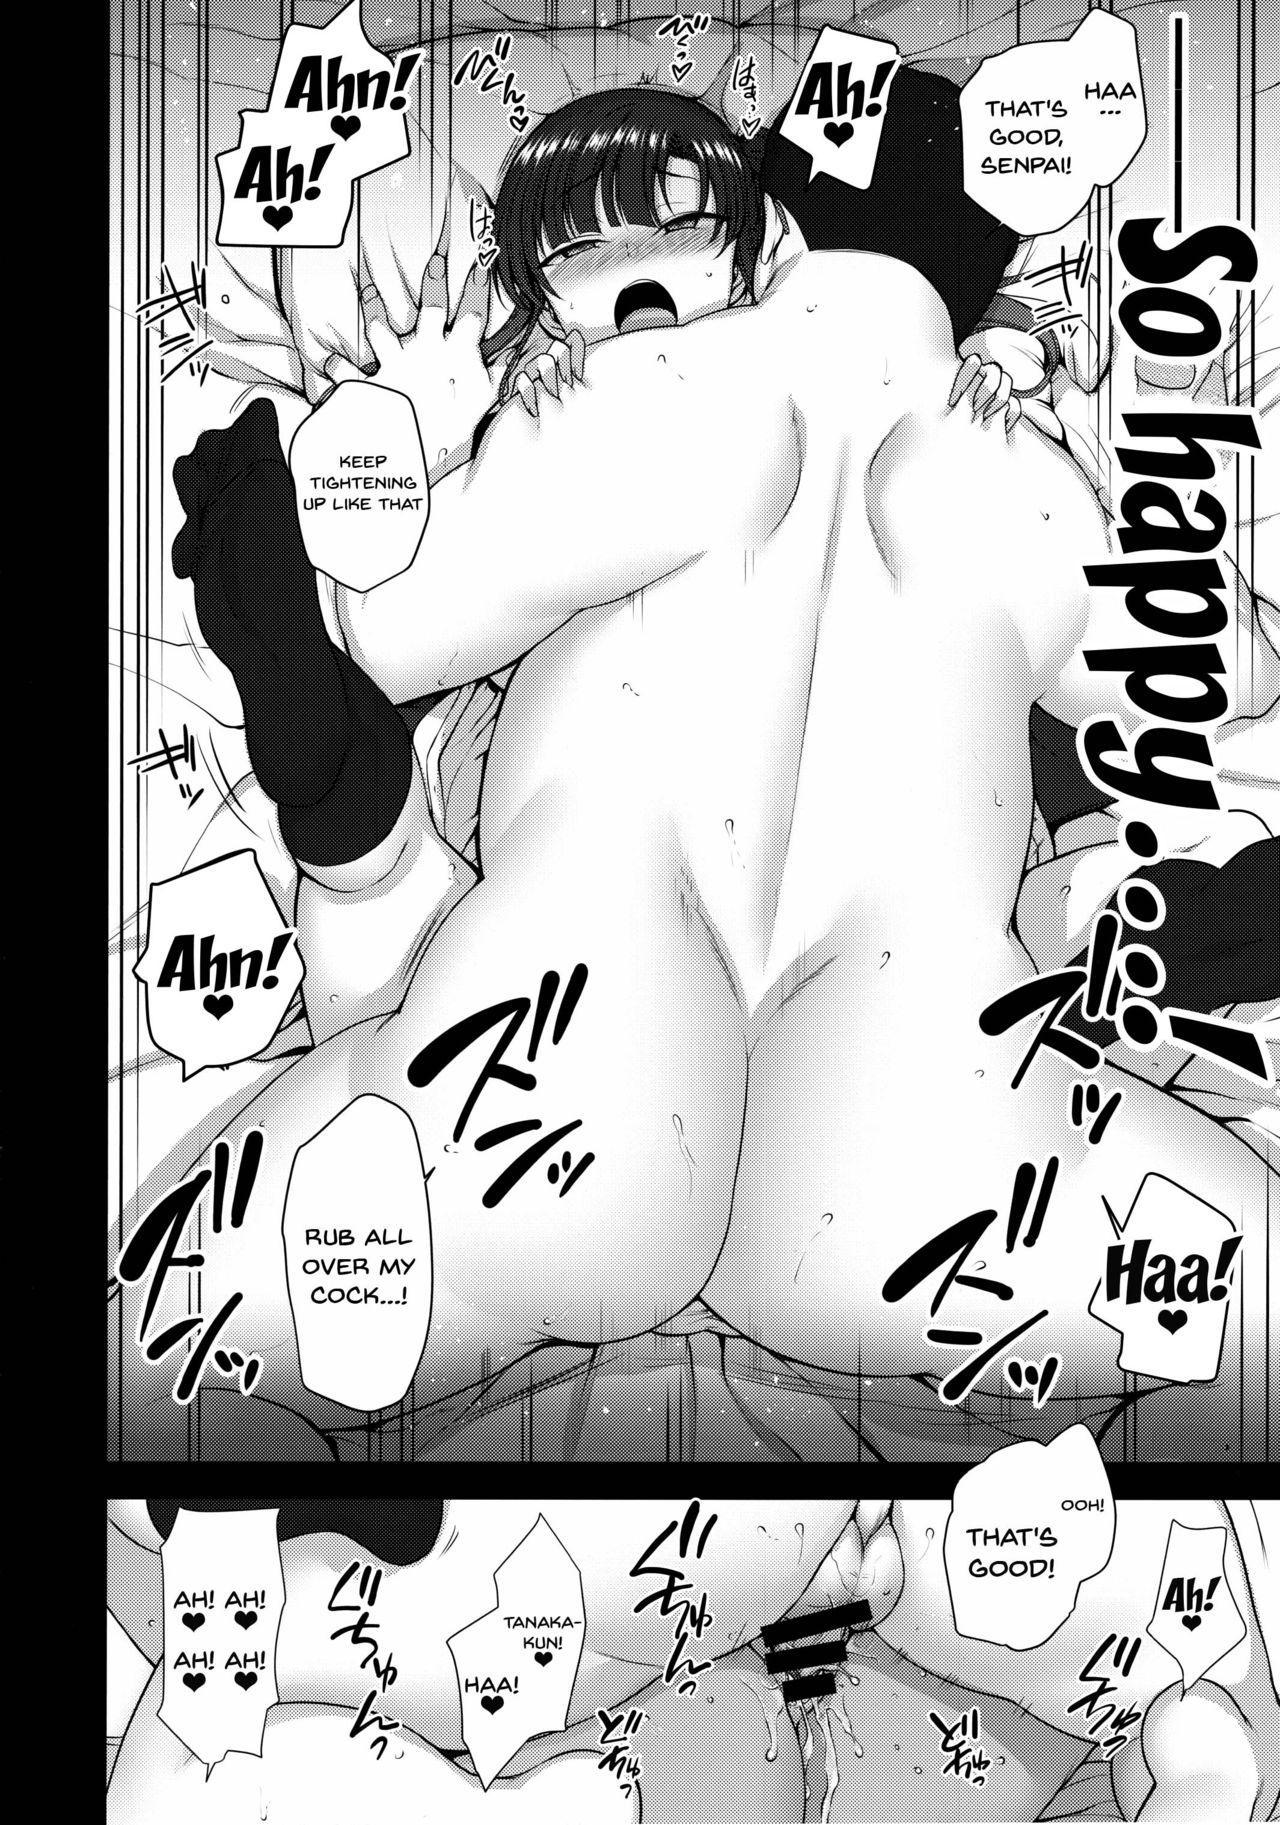 (C94) [50on! (Aiue Oka)] Saimin Seishidou 4 Ninshin Taiken Shidou (Shi) | Hypnosis Sex Guidance 4 - Pregnancy Guidance Experience [English] {Doujins.com} 12